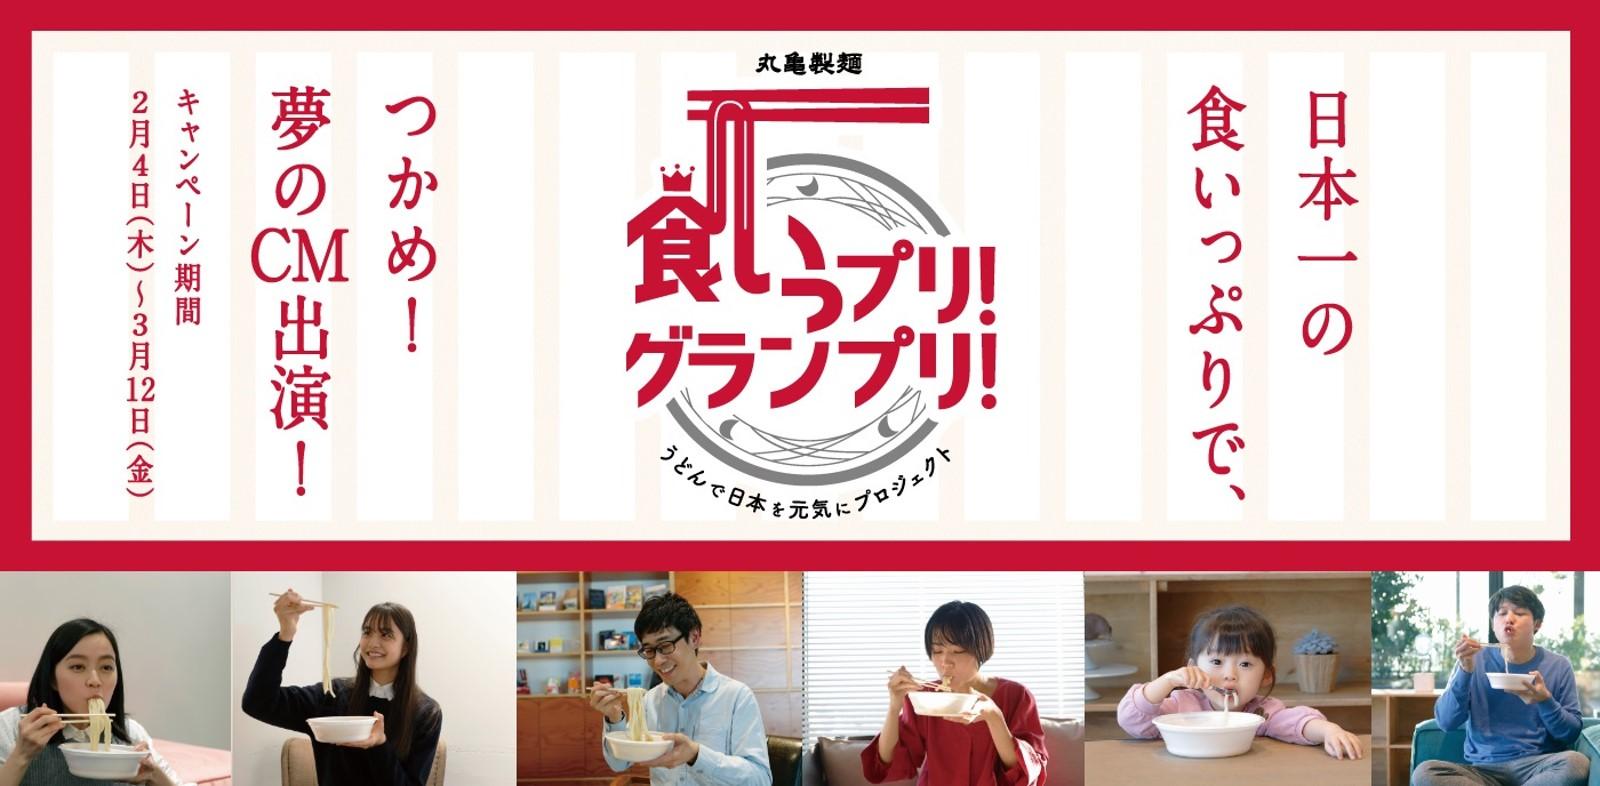 最高の食いっぷりで丸亀製麺のCMに出演しよう! うどんで日本を元気にプロジェクト